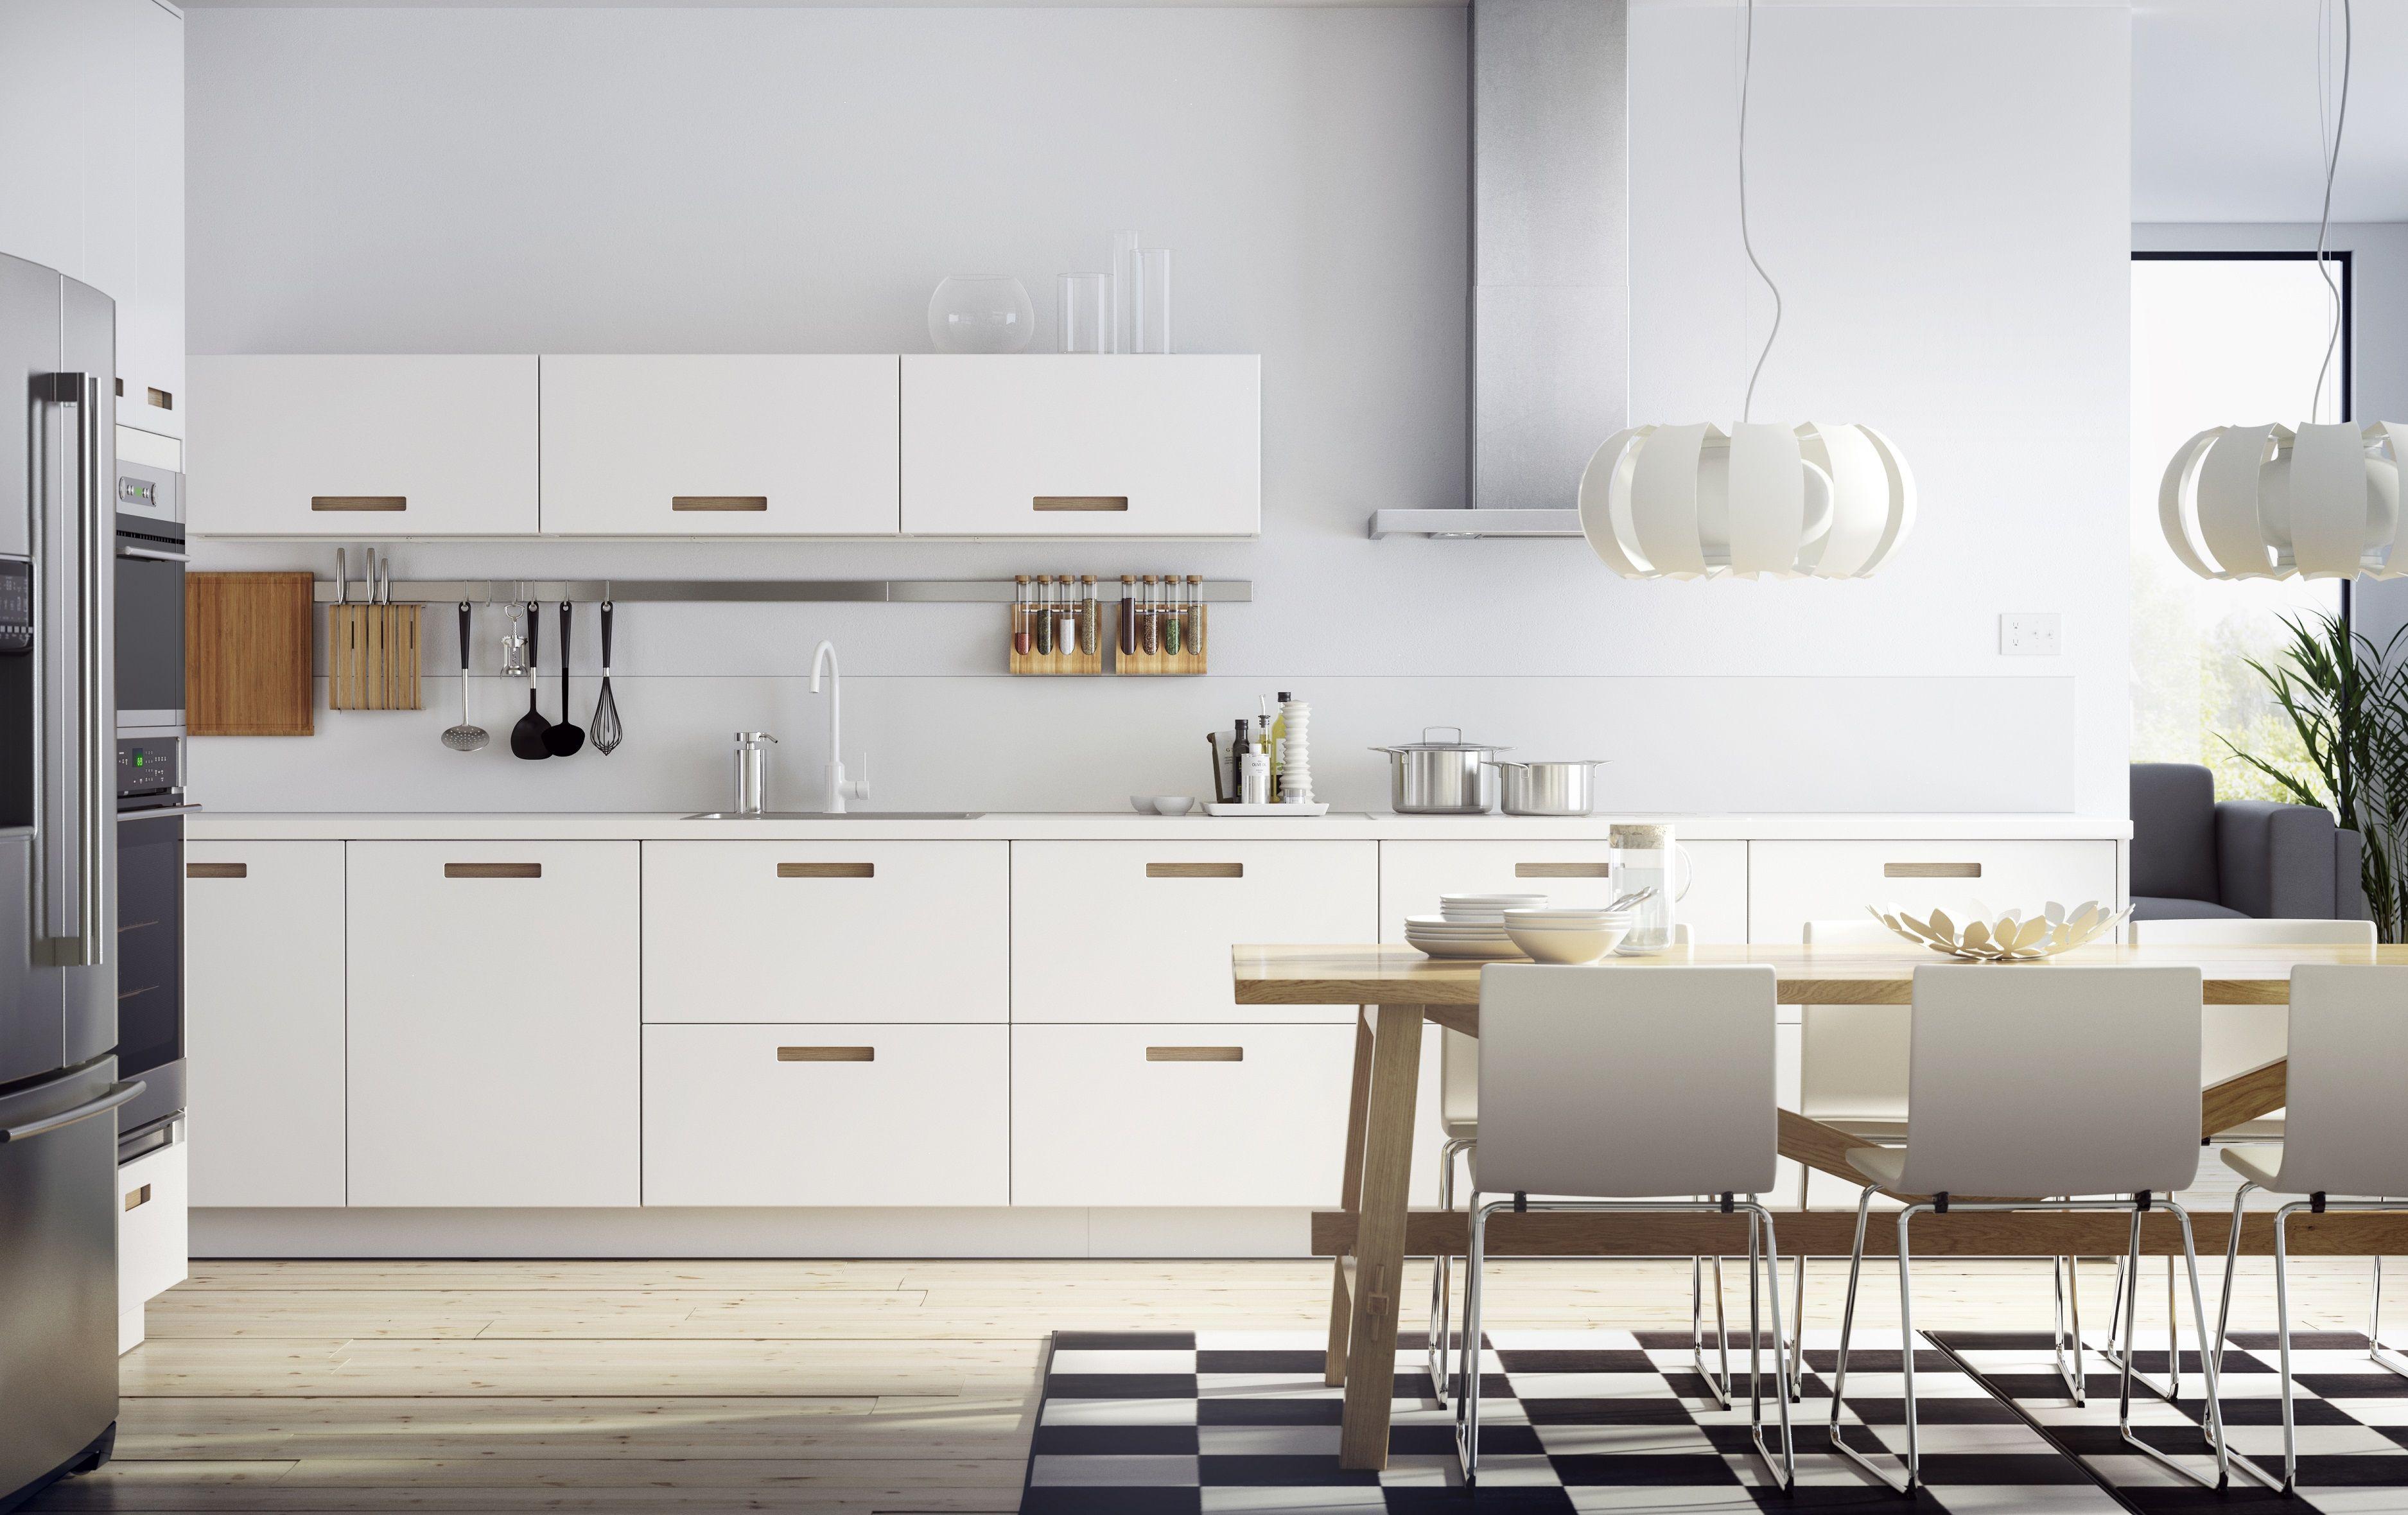 Metod keuken ikea ikeanl nordische wit inspiratie